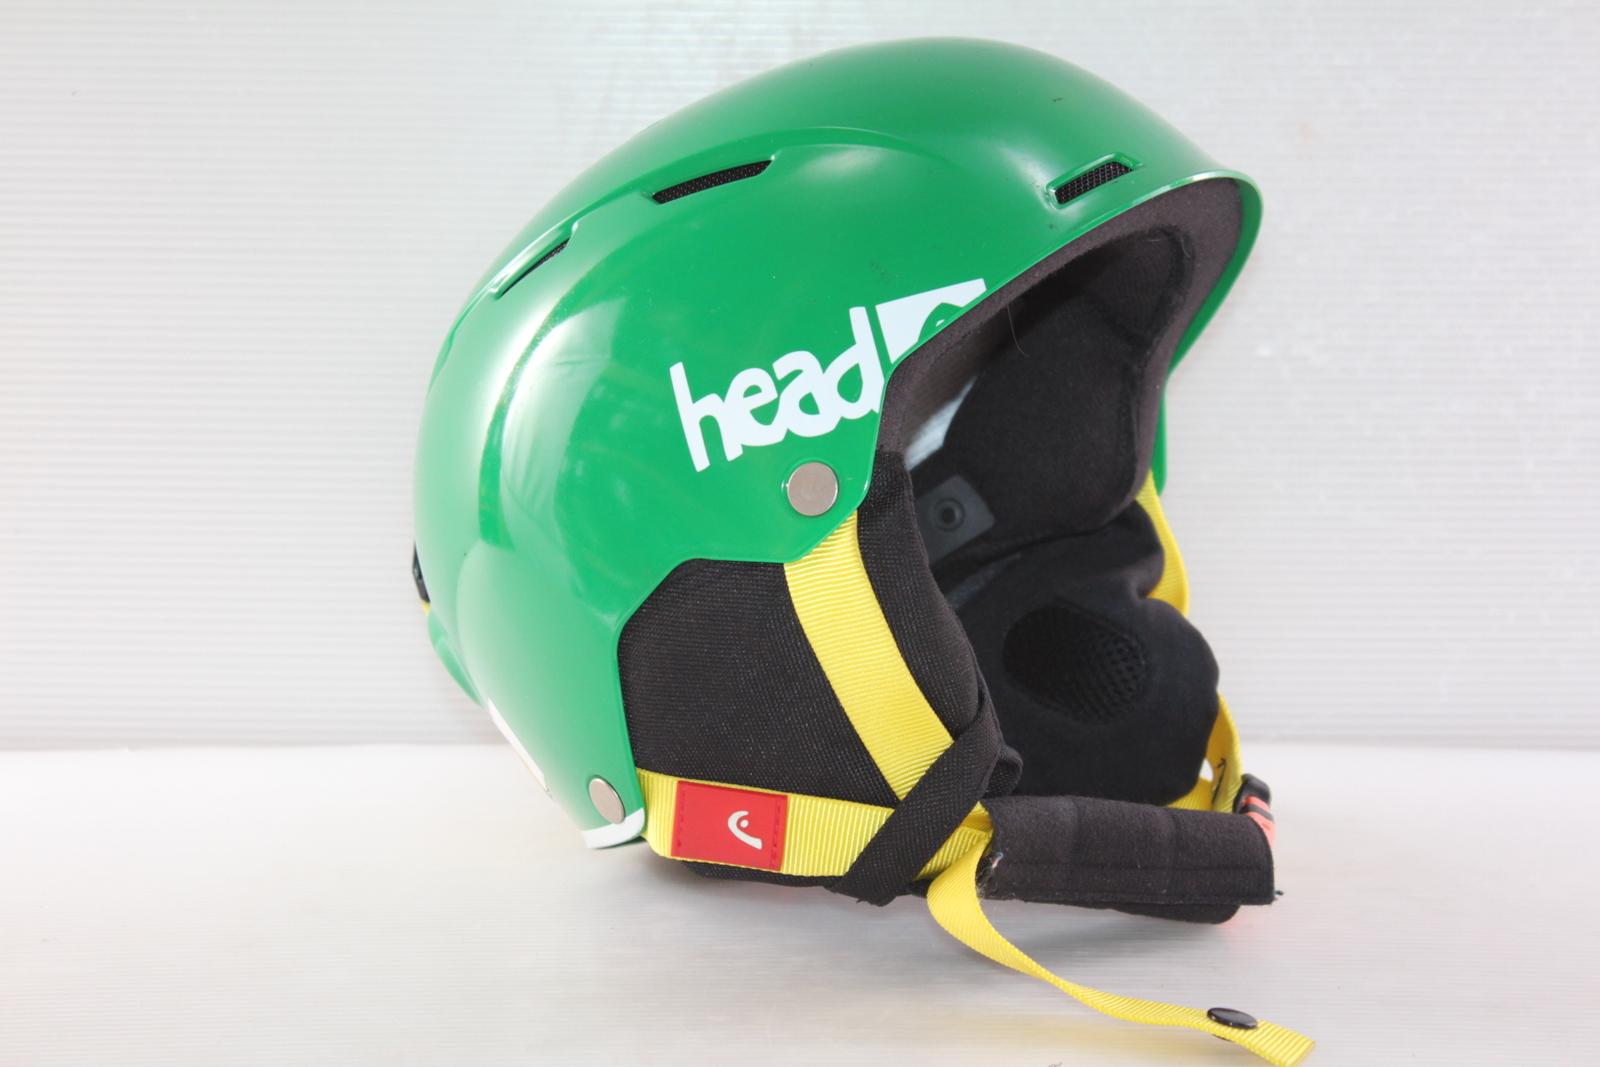 Dětská lyžařská helma Head Air Youth Green - posuvná vel. 48 - 51